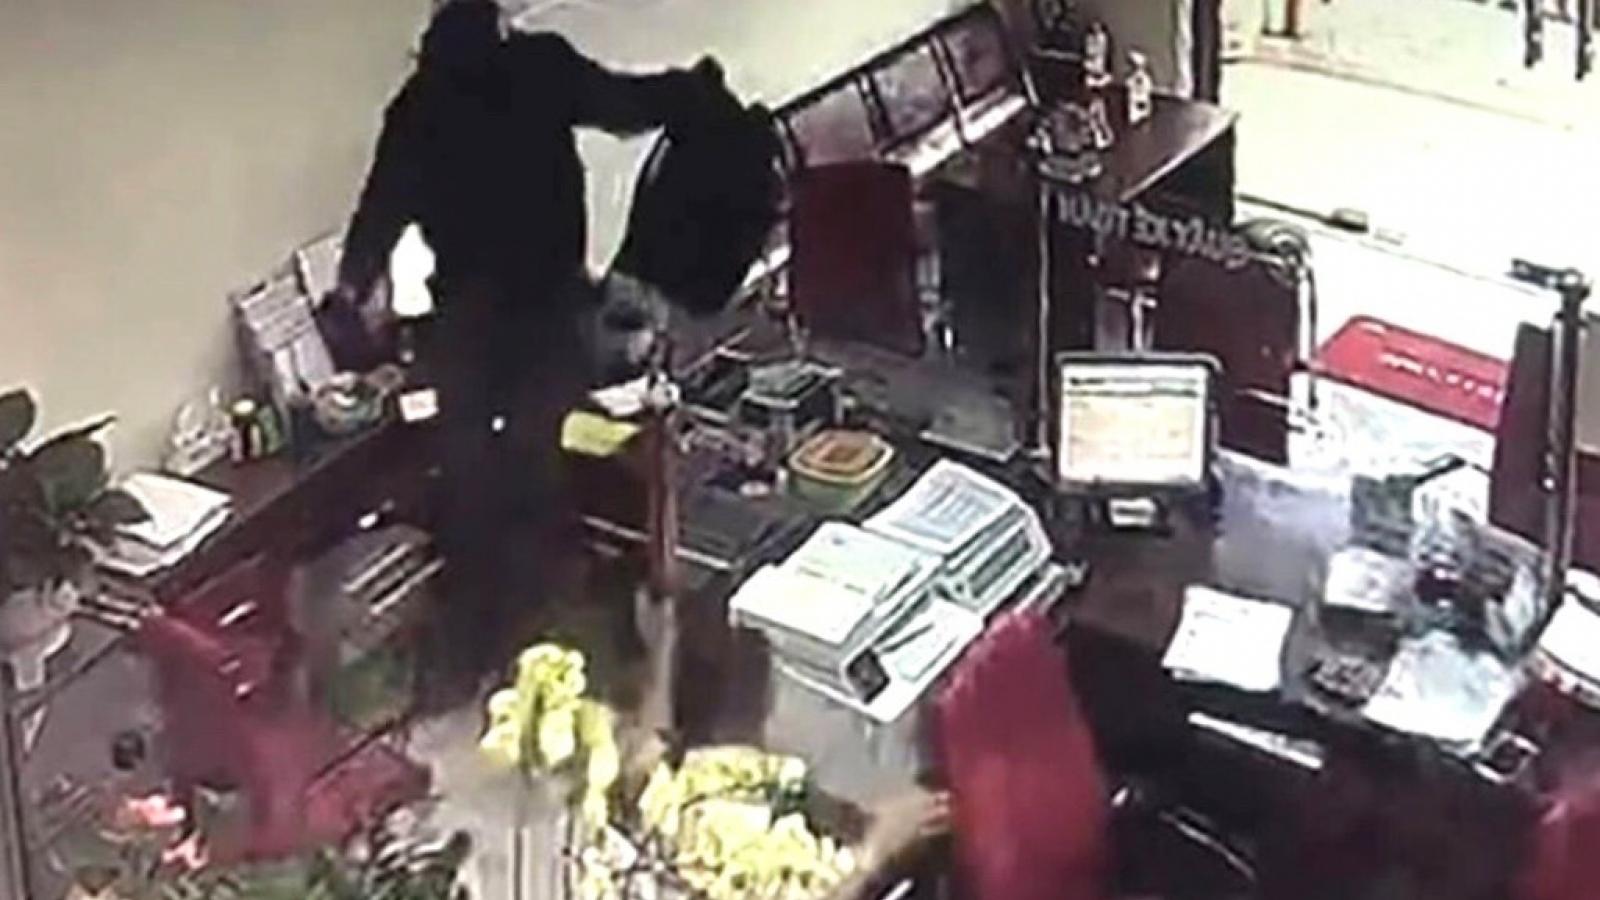 Khởi tố, bắt tạm giam 4 tháng đối tượng cướp ngân hàng ở Đồng Nai